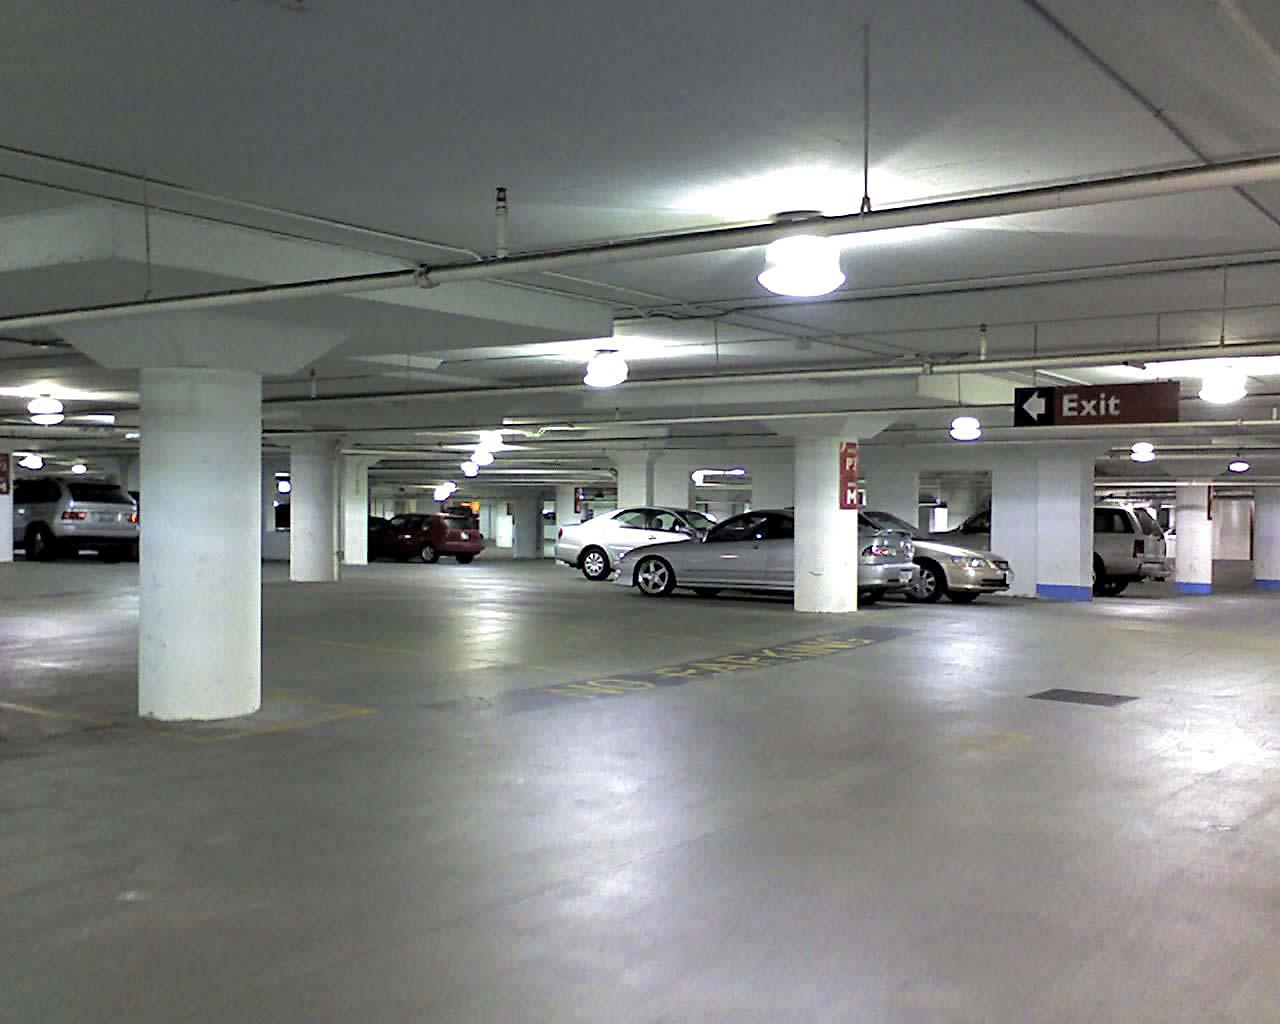 Location de parking dans ma nouvelle ville